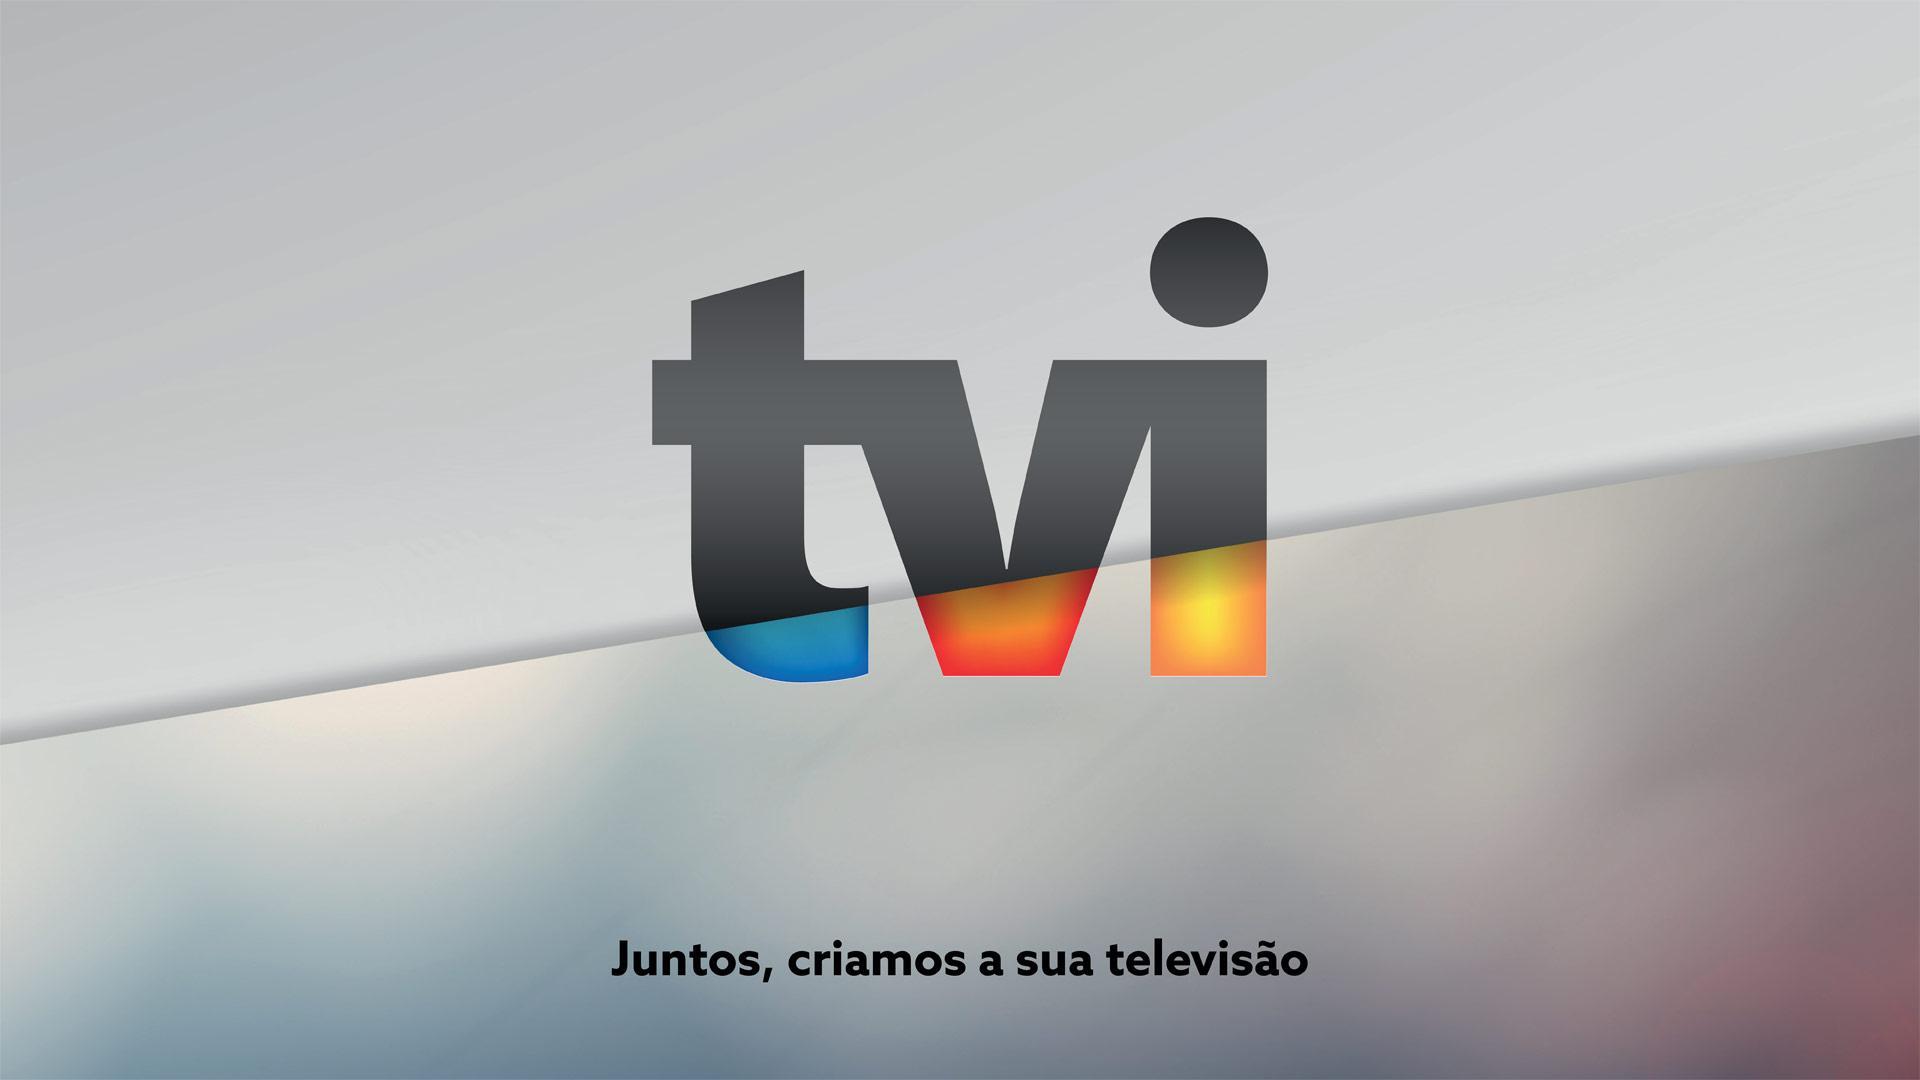 Logo TVI